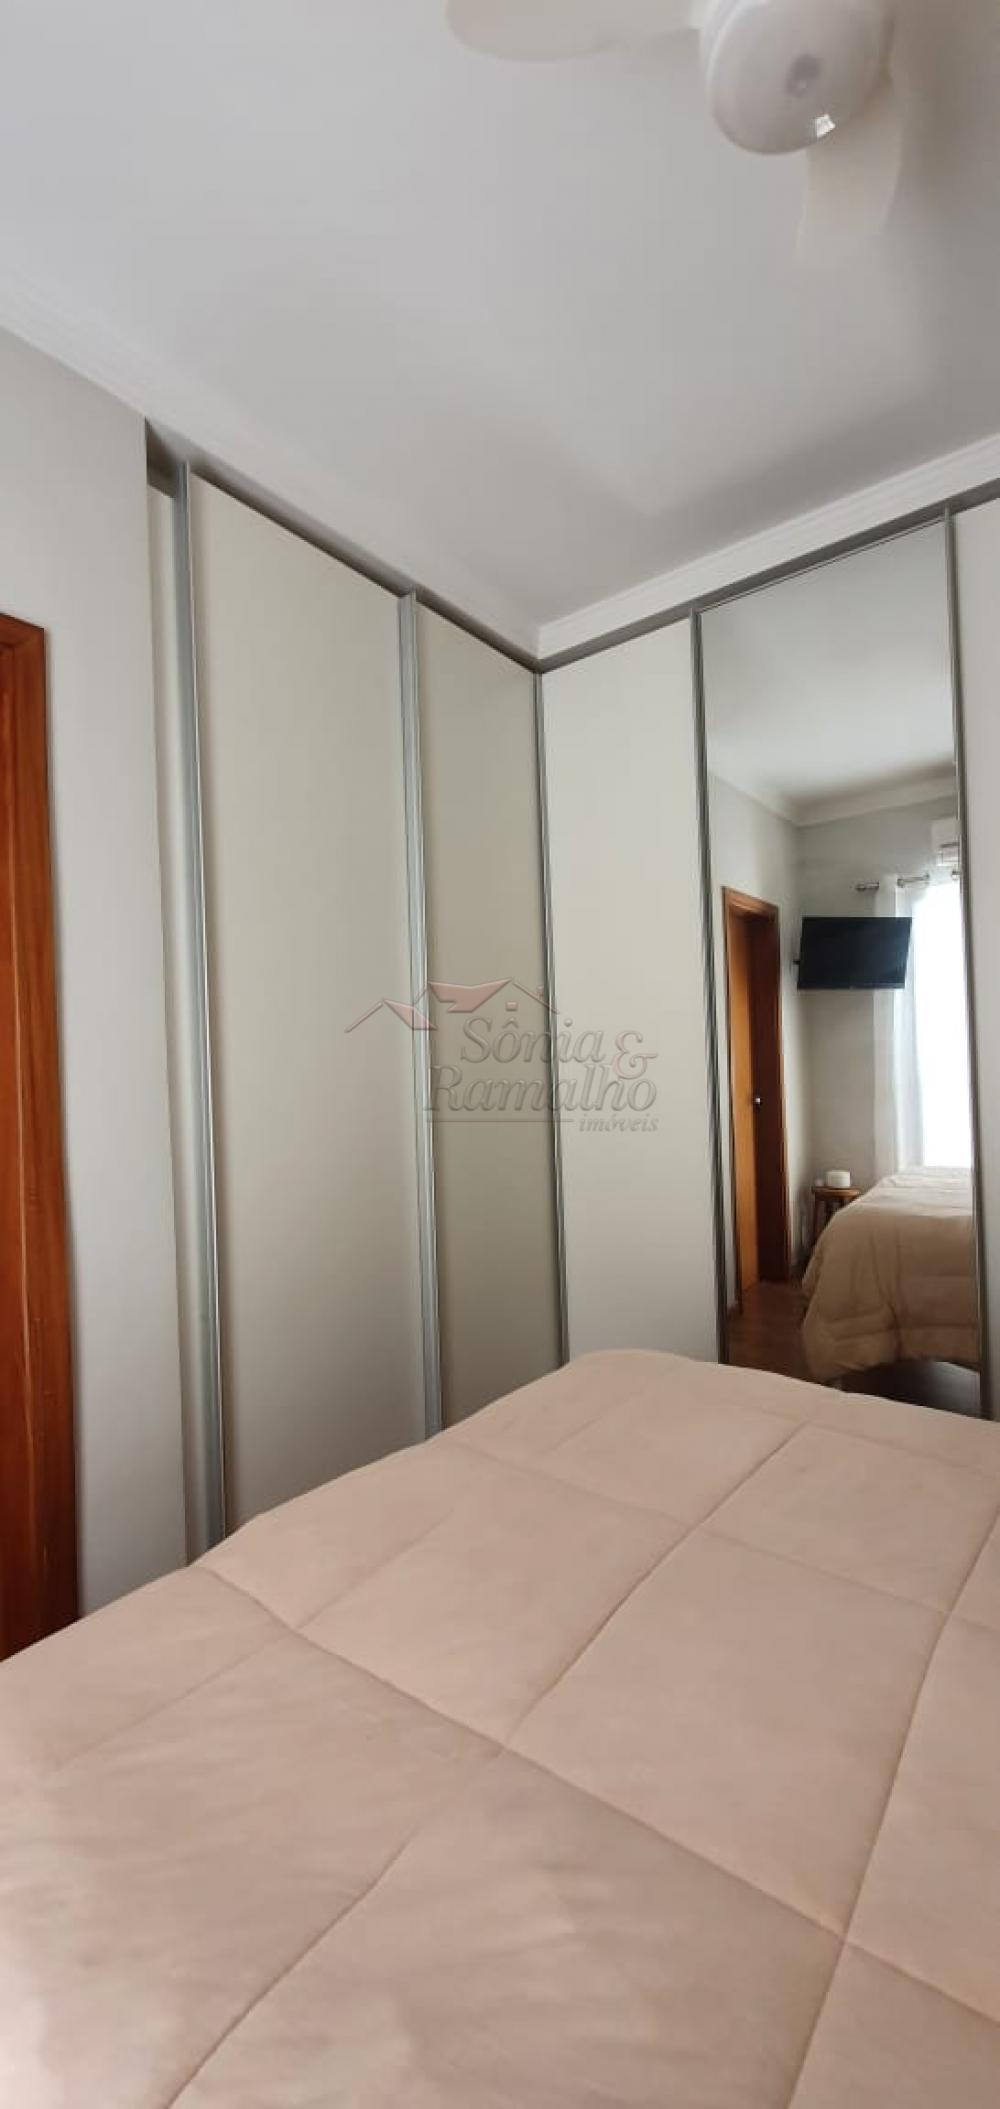 Alugar Apartamentos / Padrão em Ribeirão Preto apenas R$ 777,77 - Foto 22